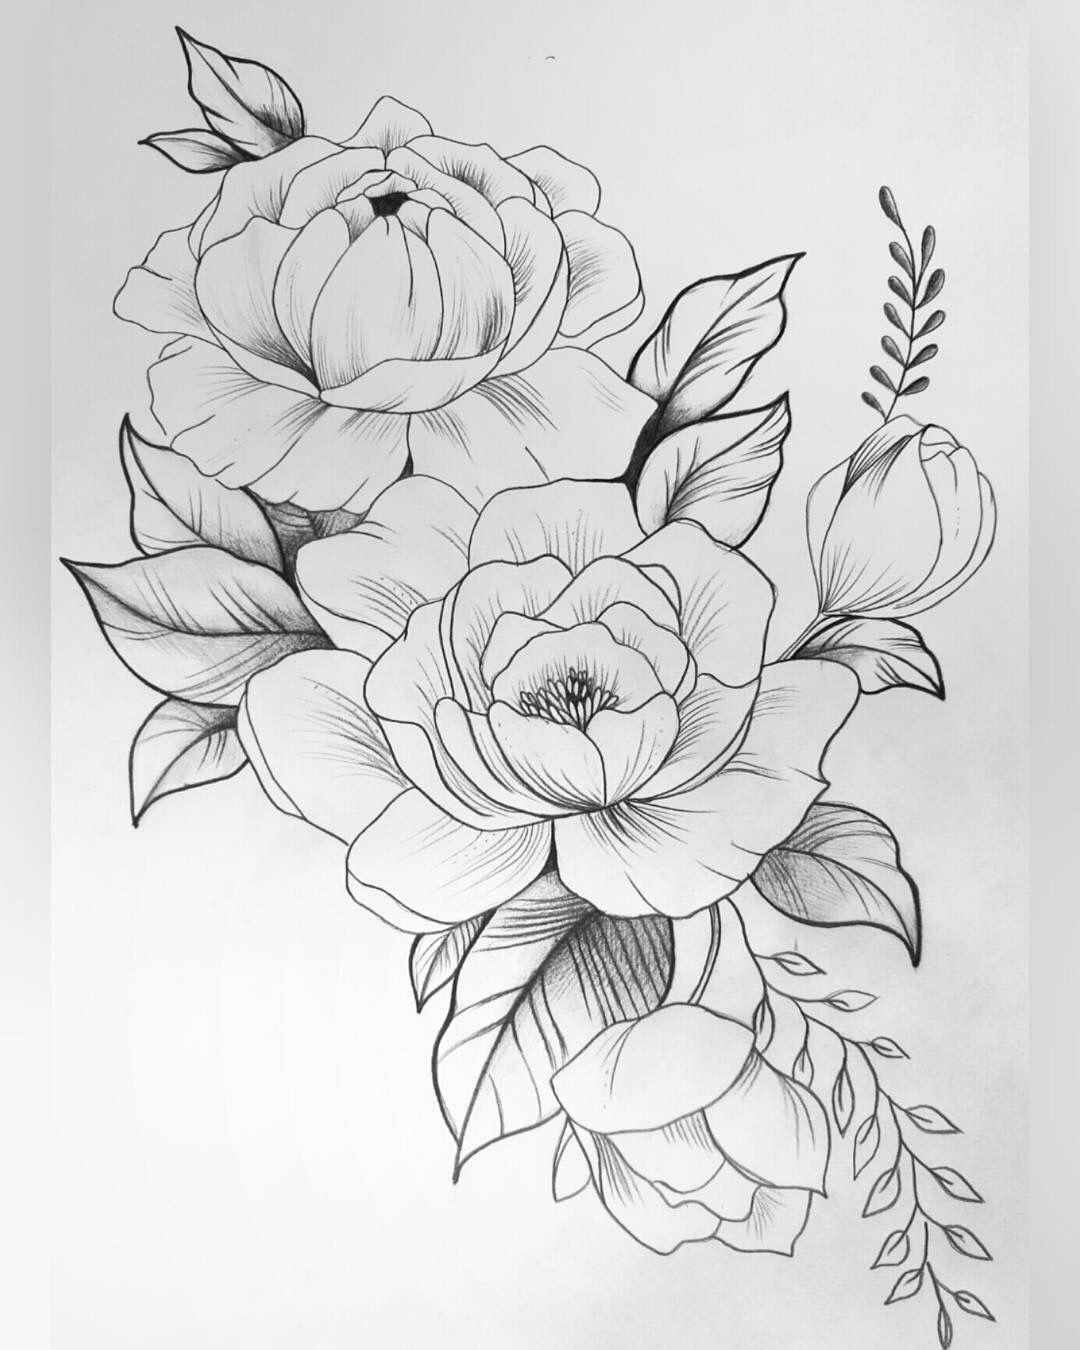 совершенно важно картинки тату про цветы впечатлению, производимому